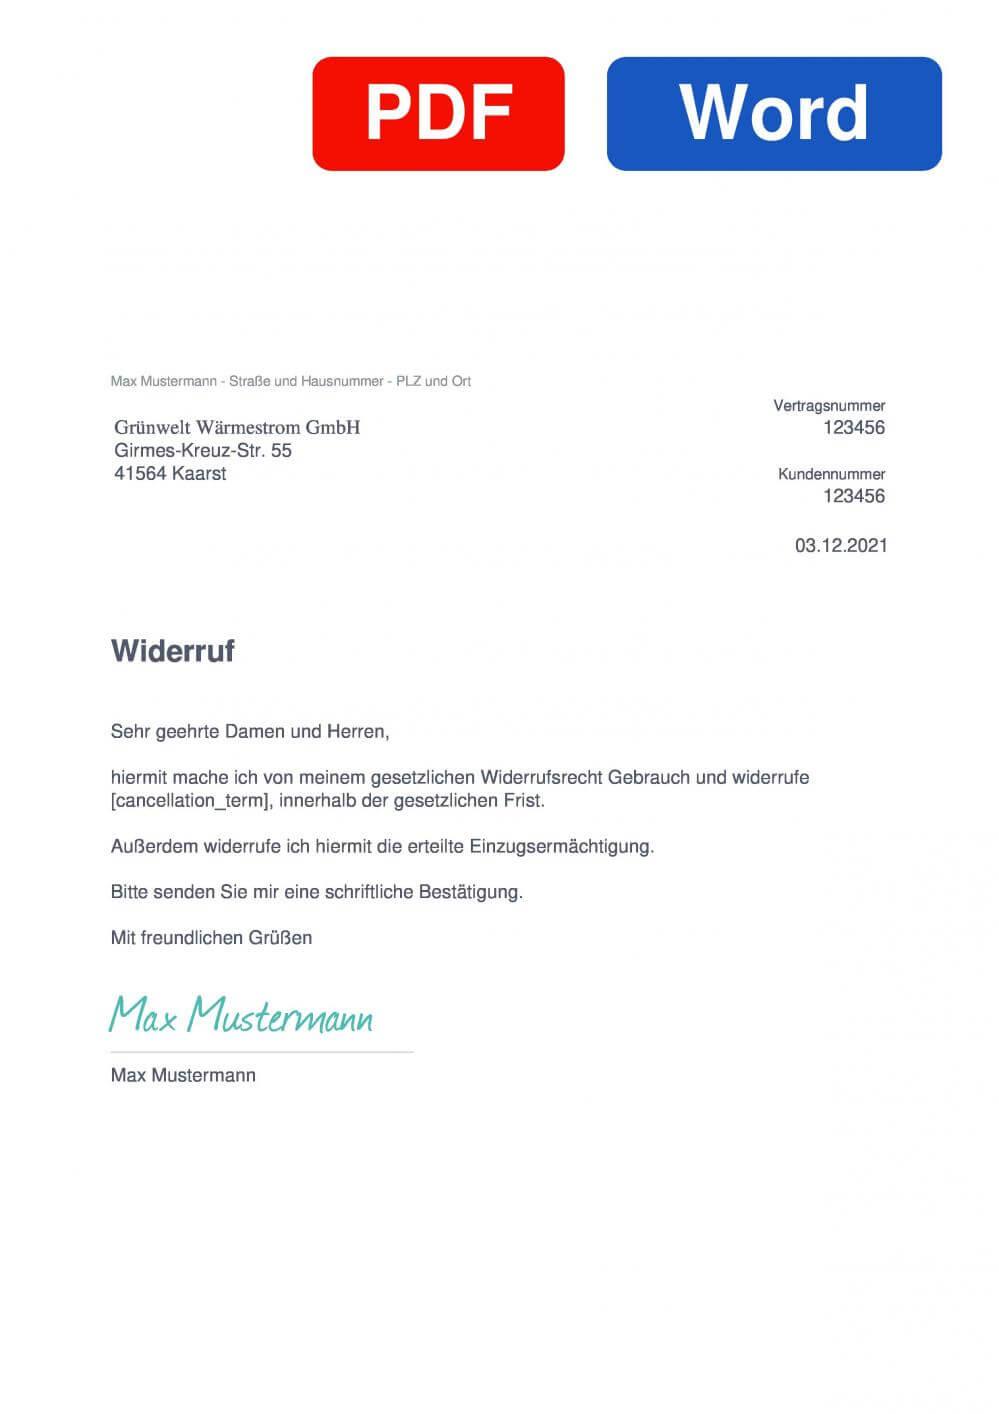 Grünwelt Muster Vorlage für Wiederrufsschreiben